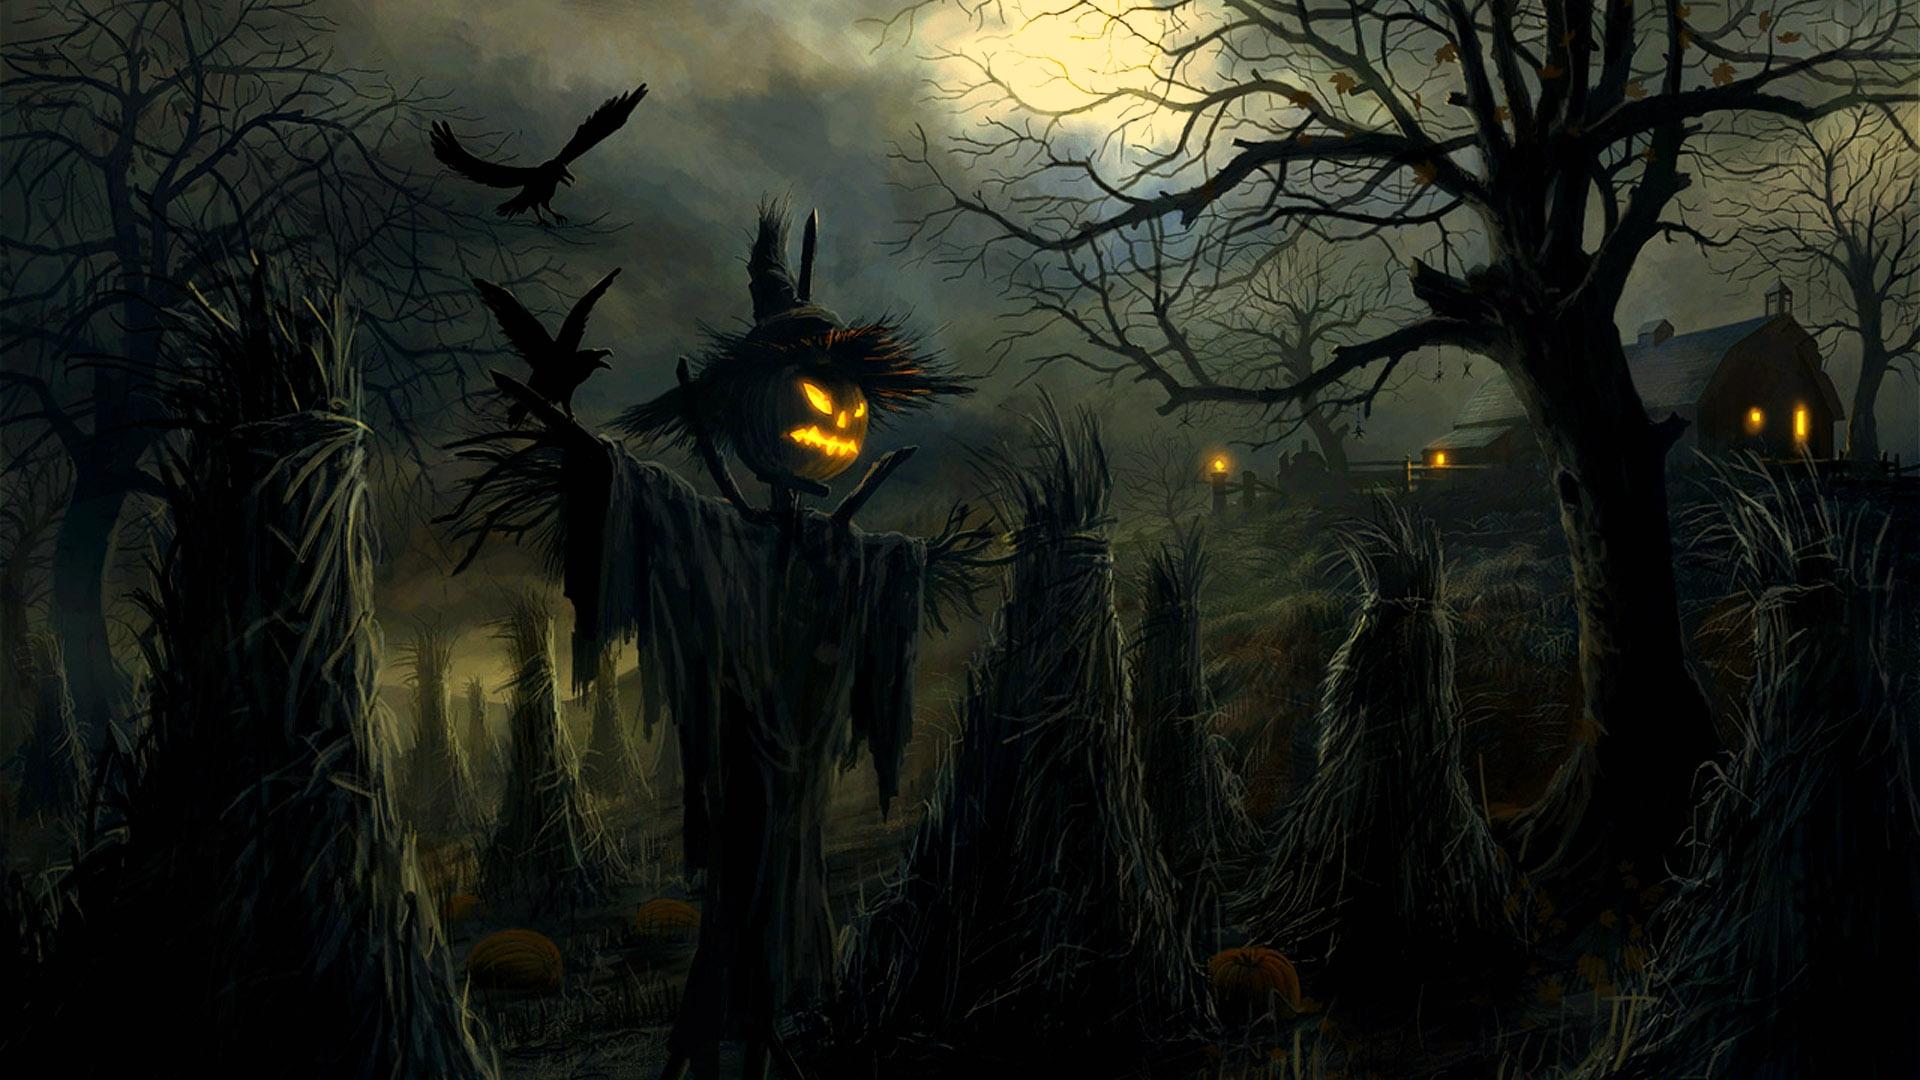 halloween hd wallpapers #24